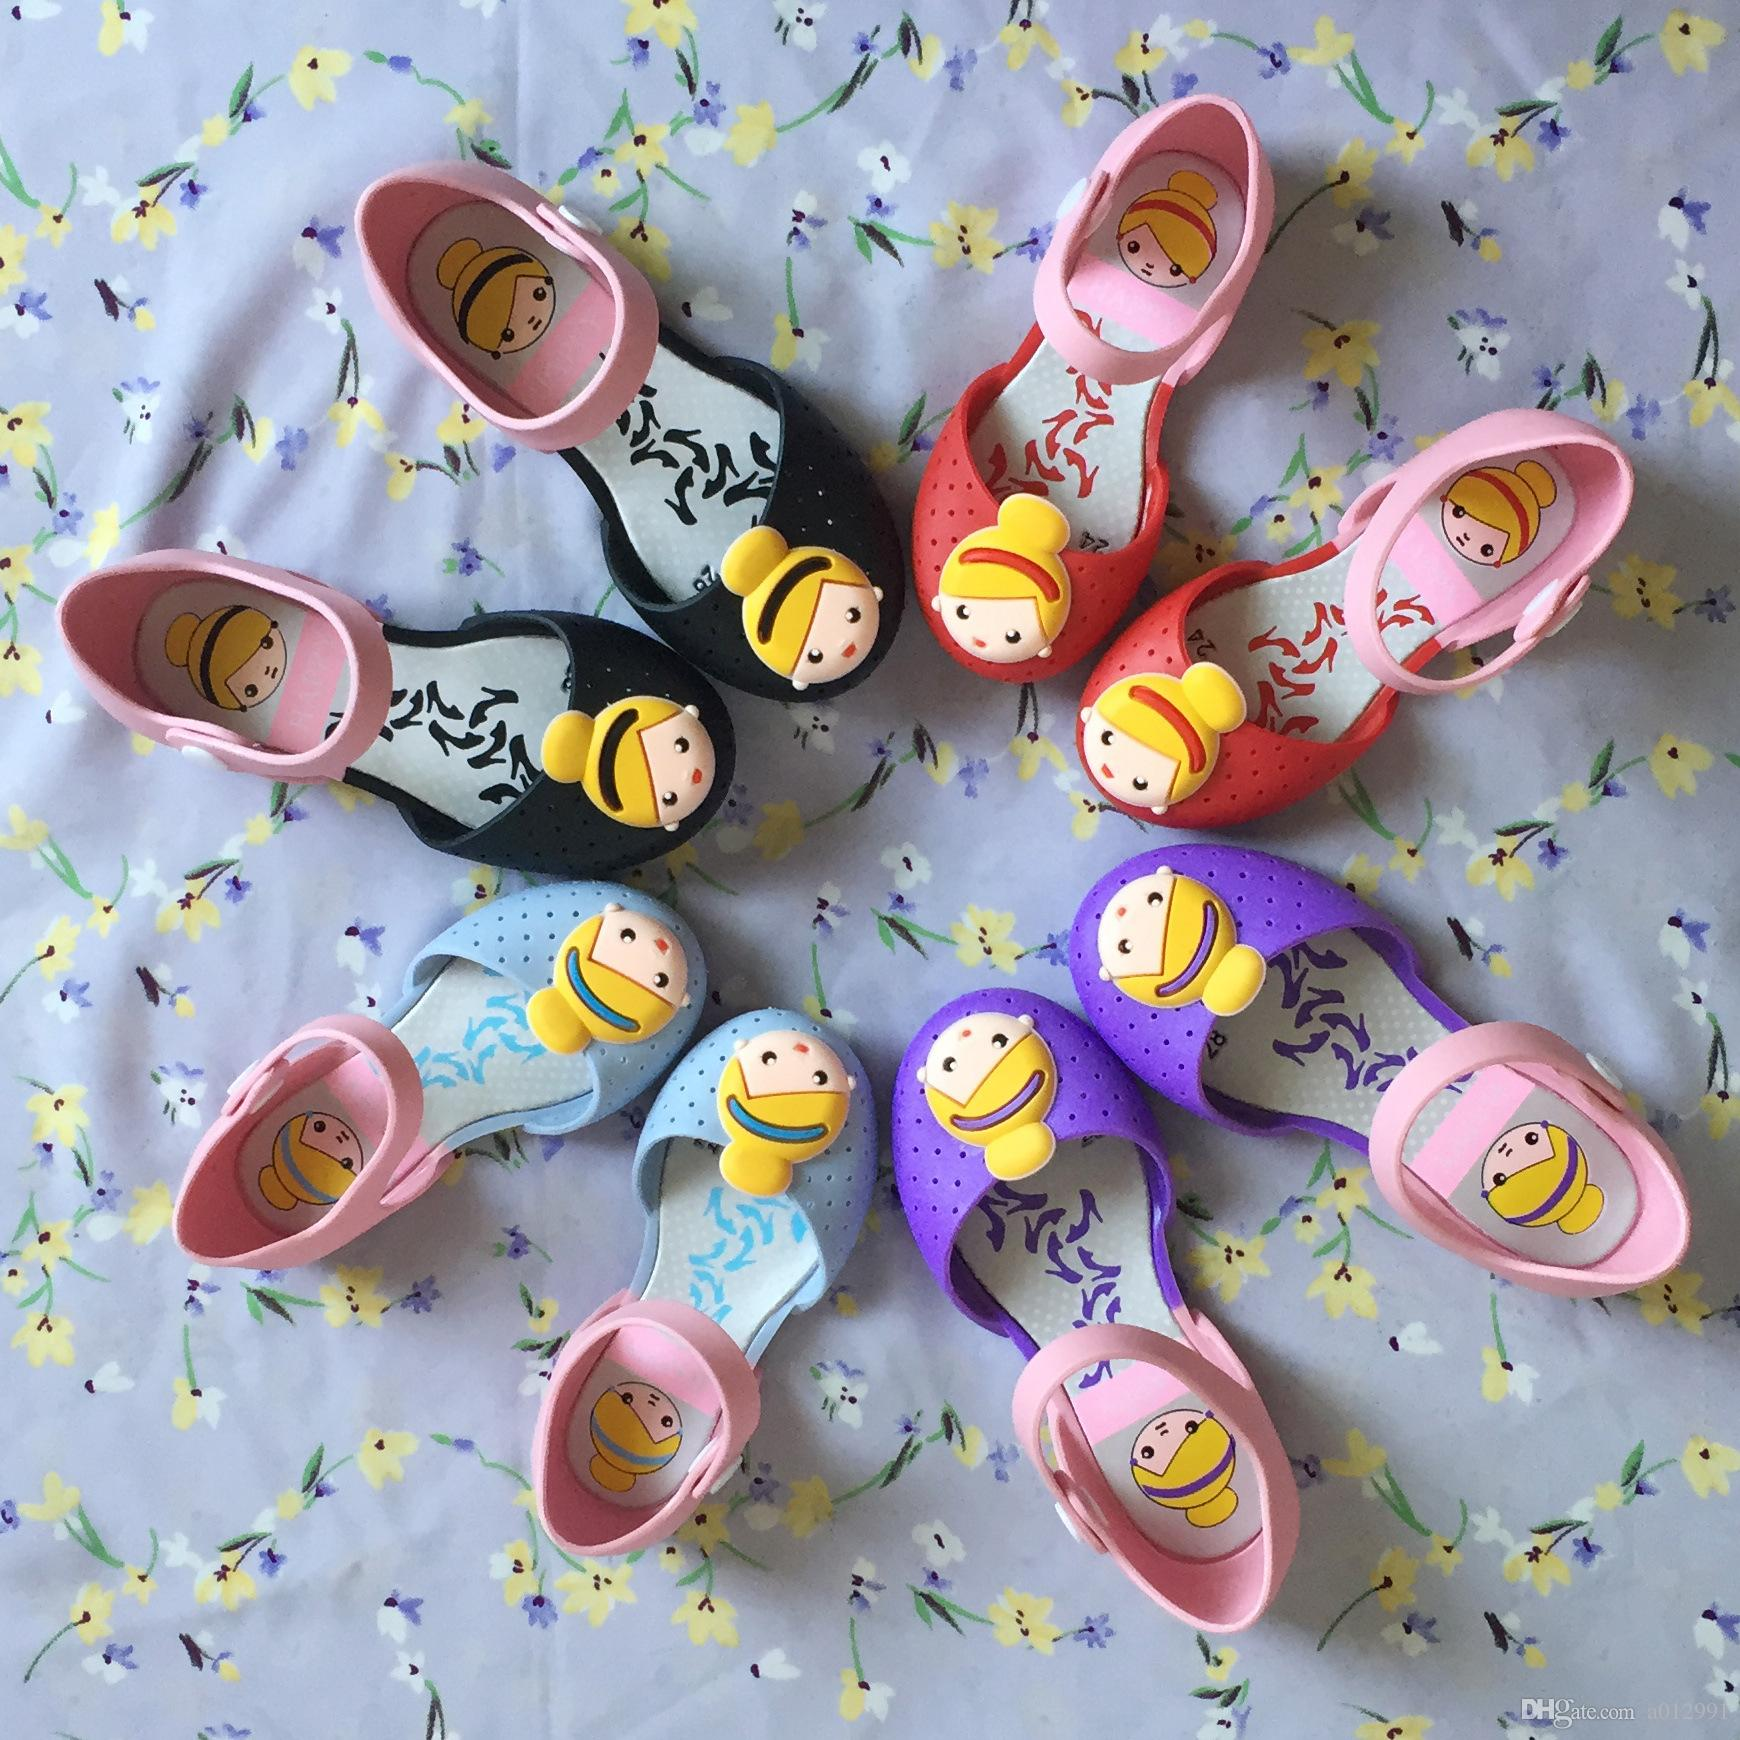 Liberan Los De 2017 Compre Sandalias Las Melissa Zapatos Mini Dhl 35AL4jR